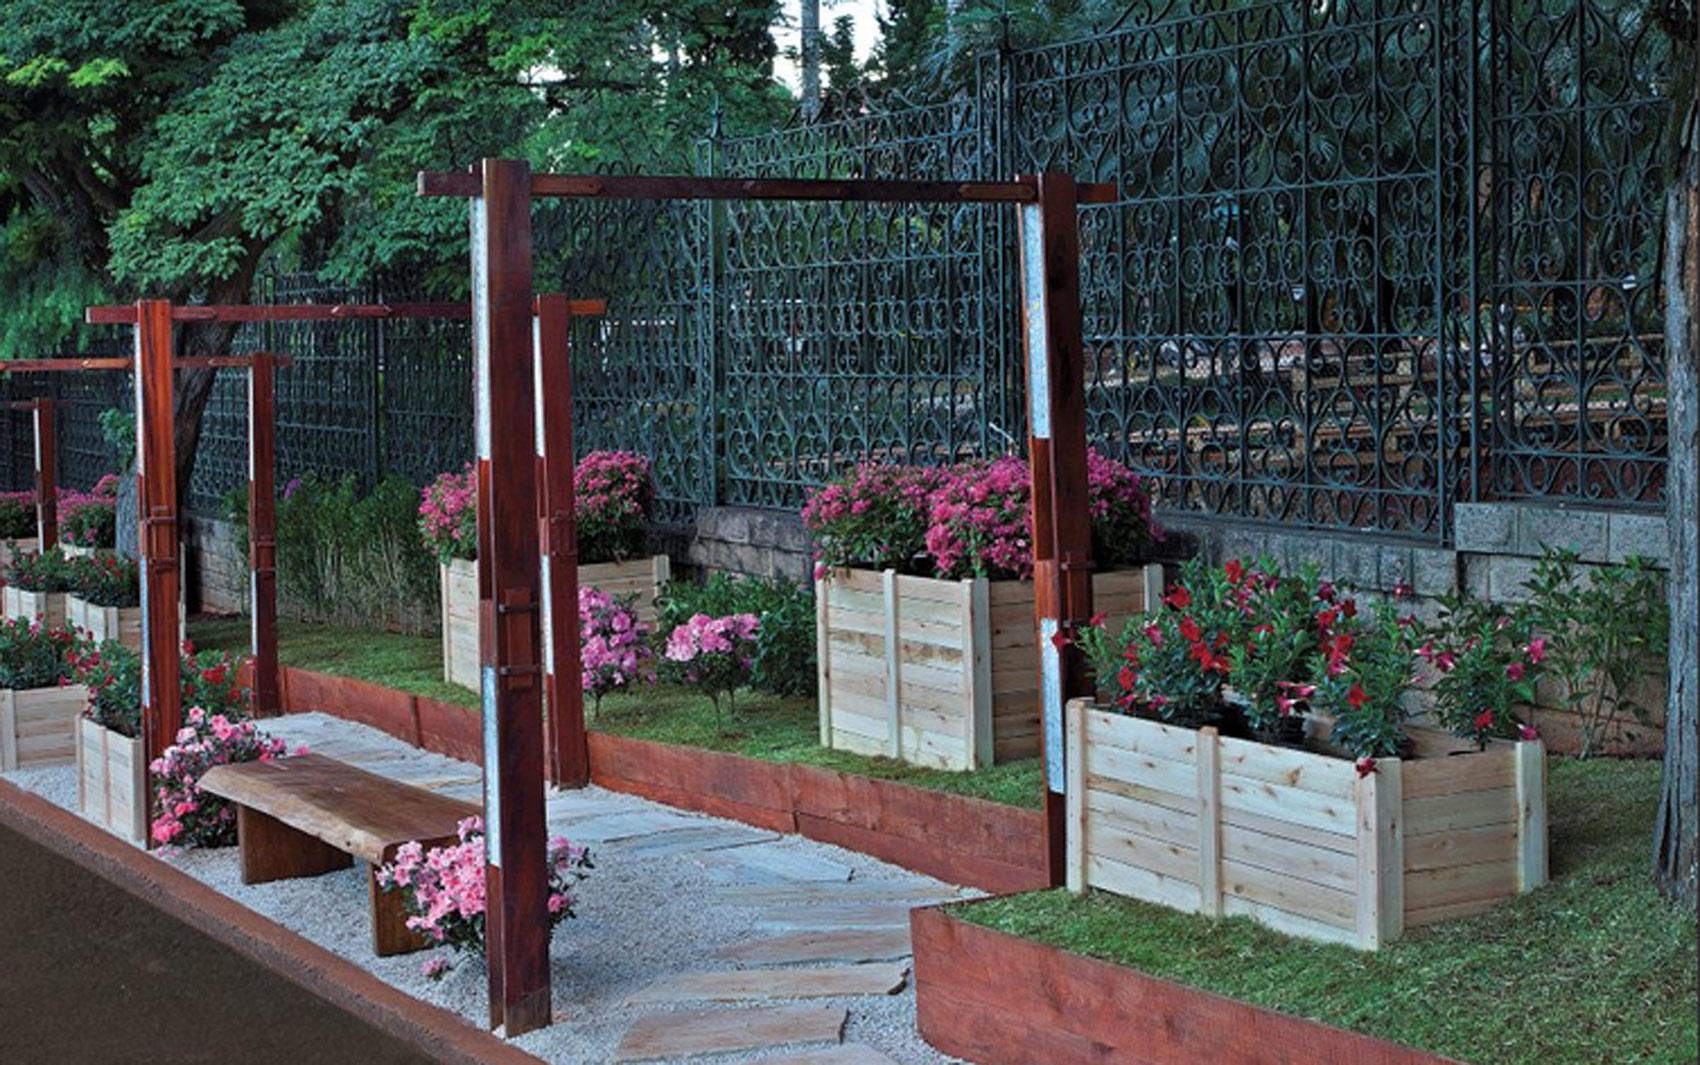 O arquiteto e paisagista José Renato de Carvalho e a paisagista Natália de Veiga Okuma buscaram inspiração no jardim europeu para compor o ambiente